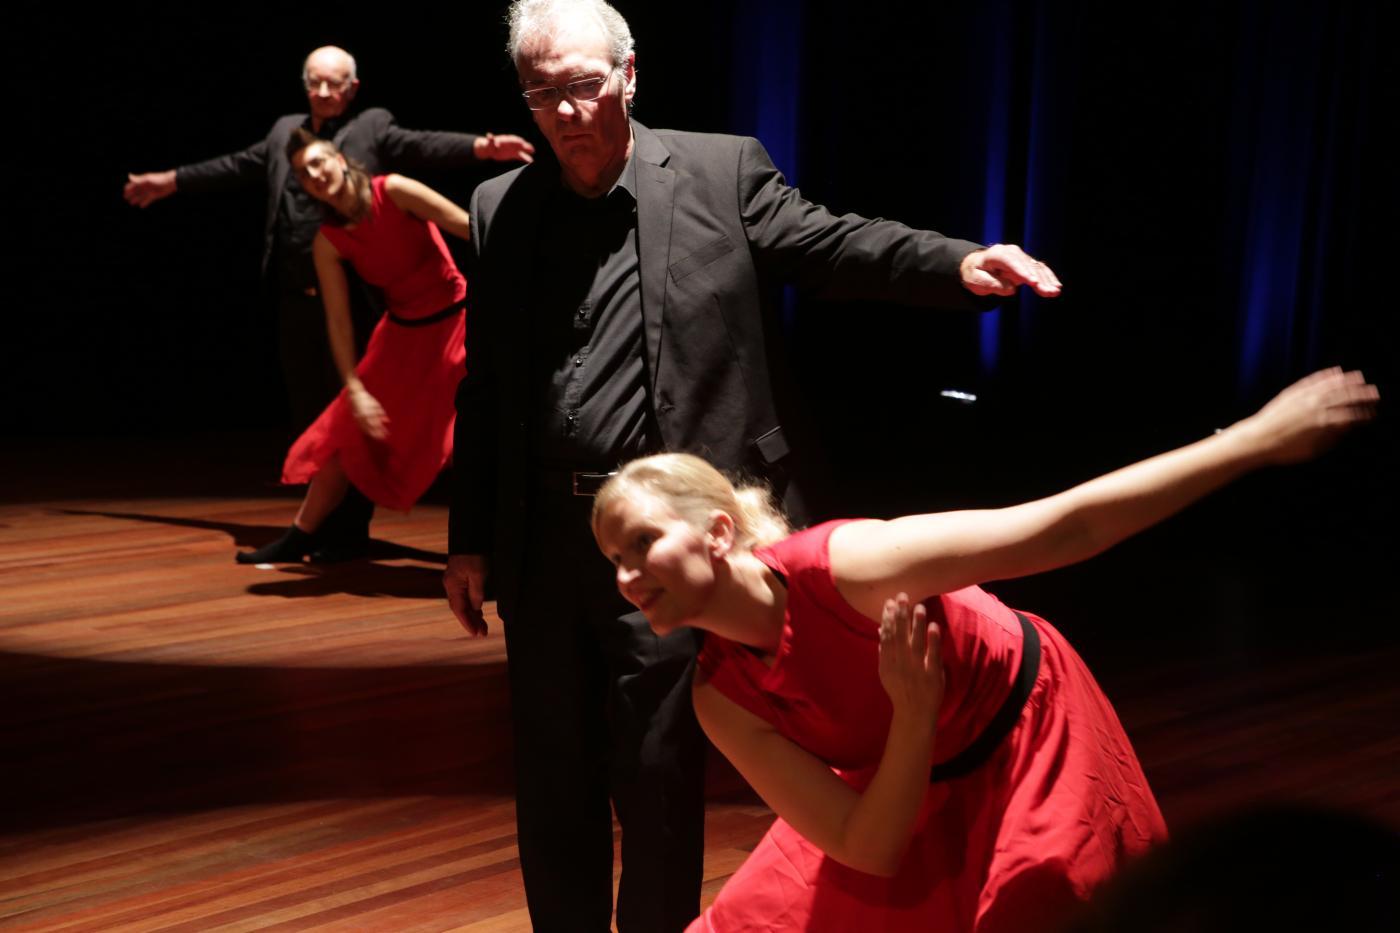 Dansende ouderen op het podium